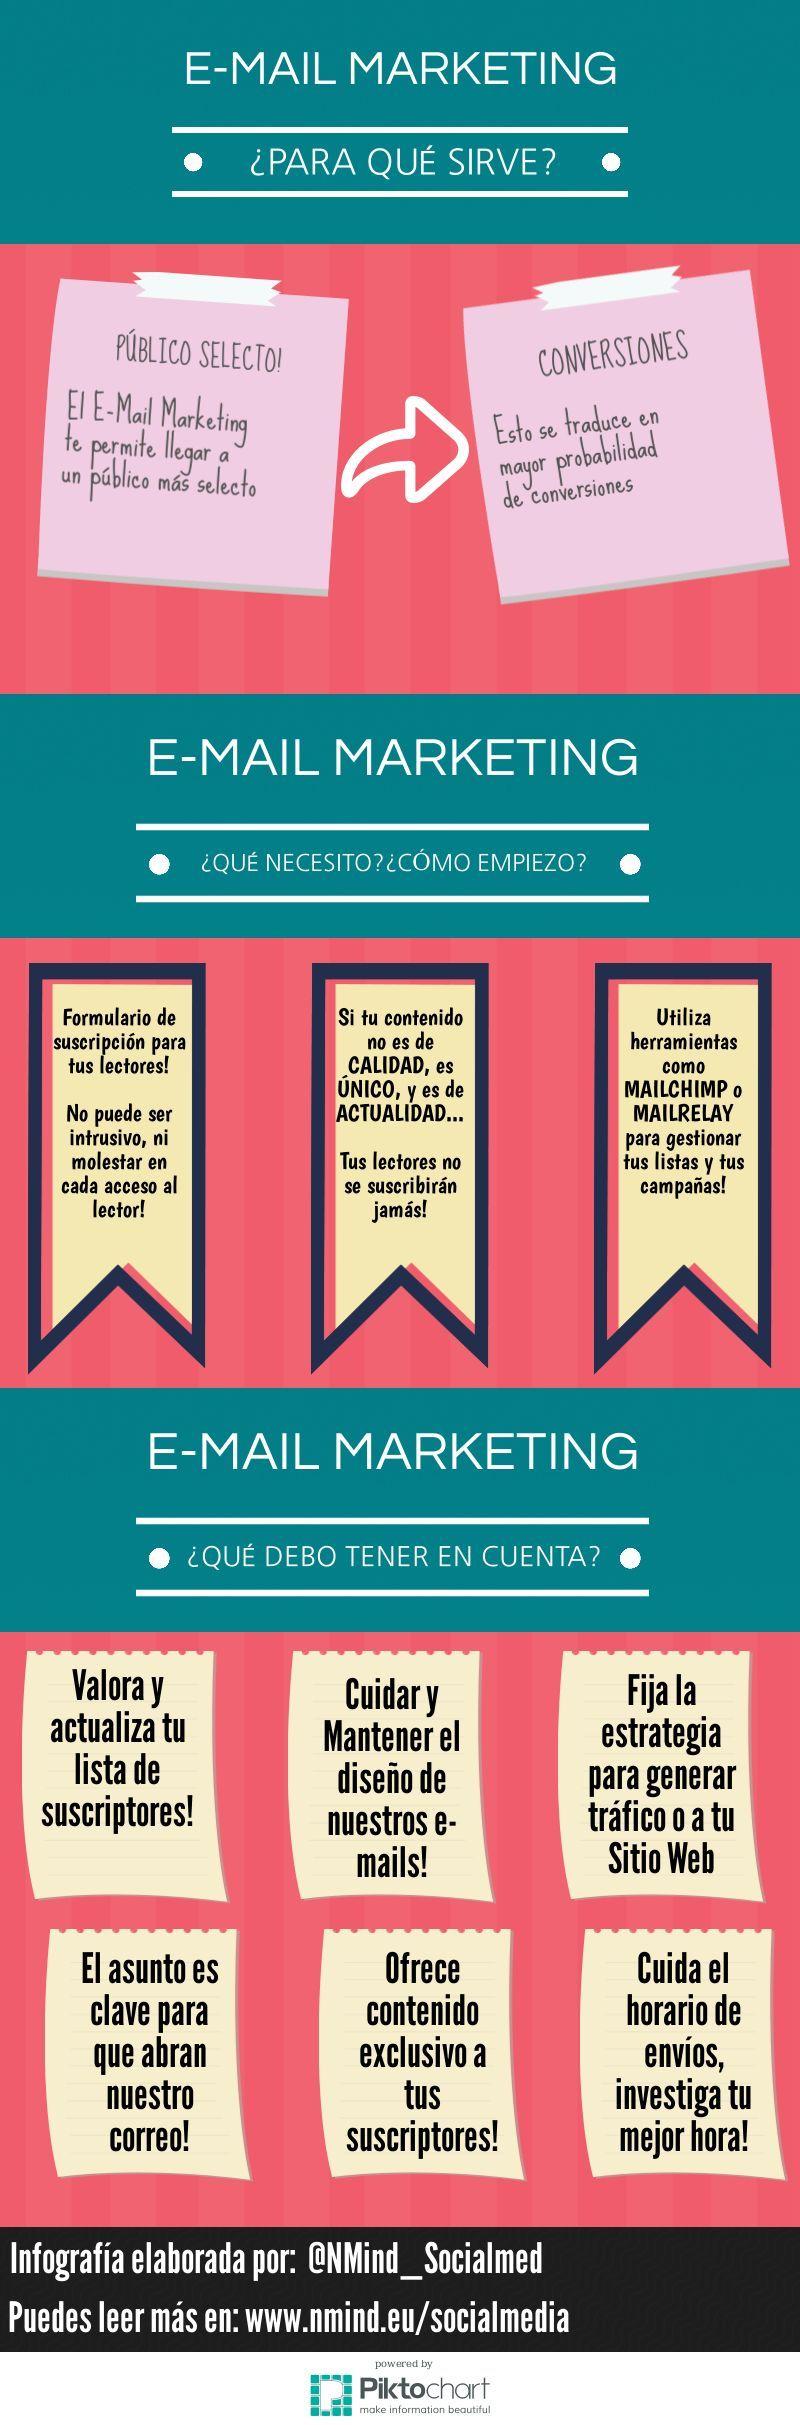 Una Infografia En Espanol Que Explica Brevemente Para Que Sirve El